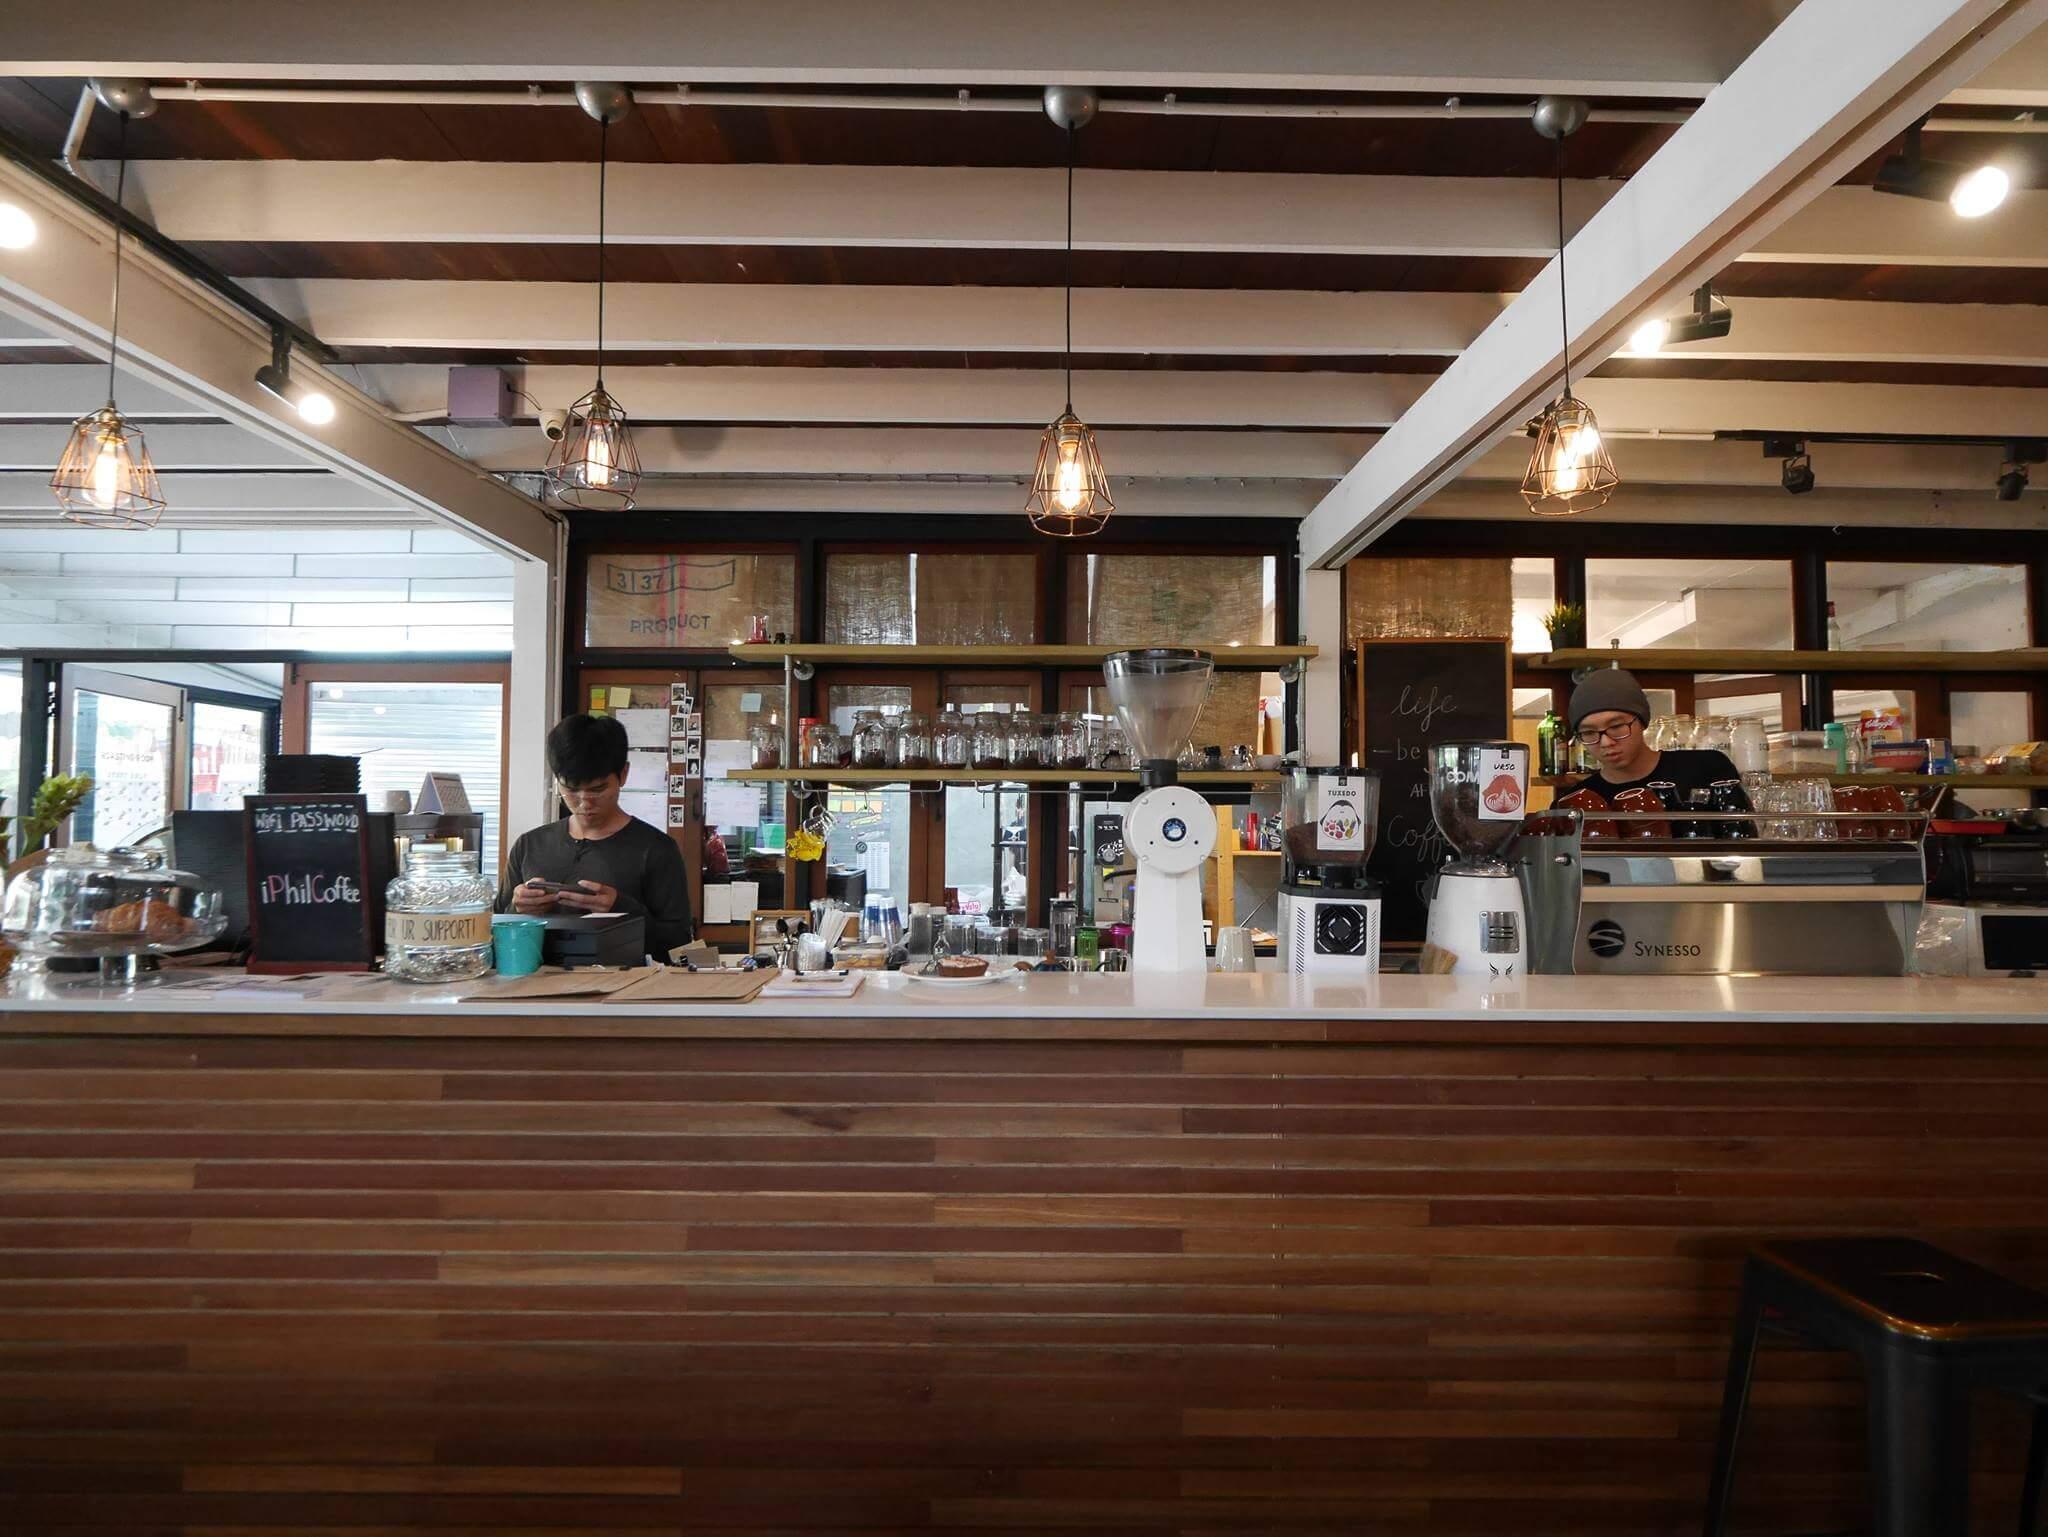 10 ร้านกาแฟ ทองหล่อ - เอกมัย เครื่องดื่มเด็ด บรรยากาศดี 44 - Ananda Development (อนันดา ดีเวลลอปเม้นท์)